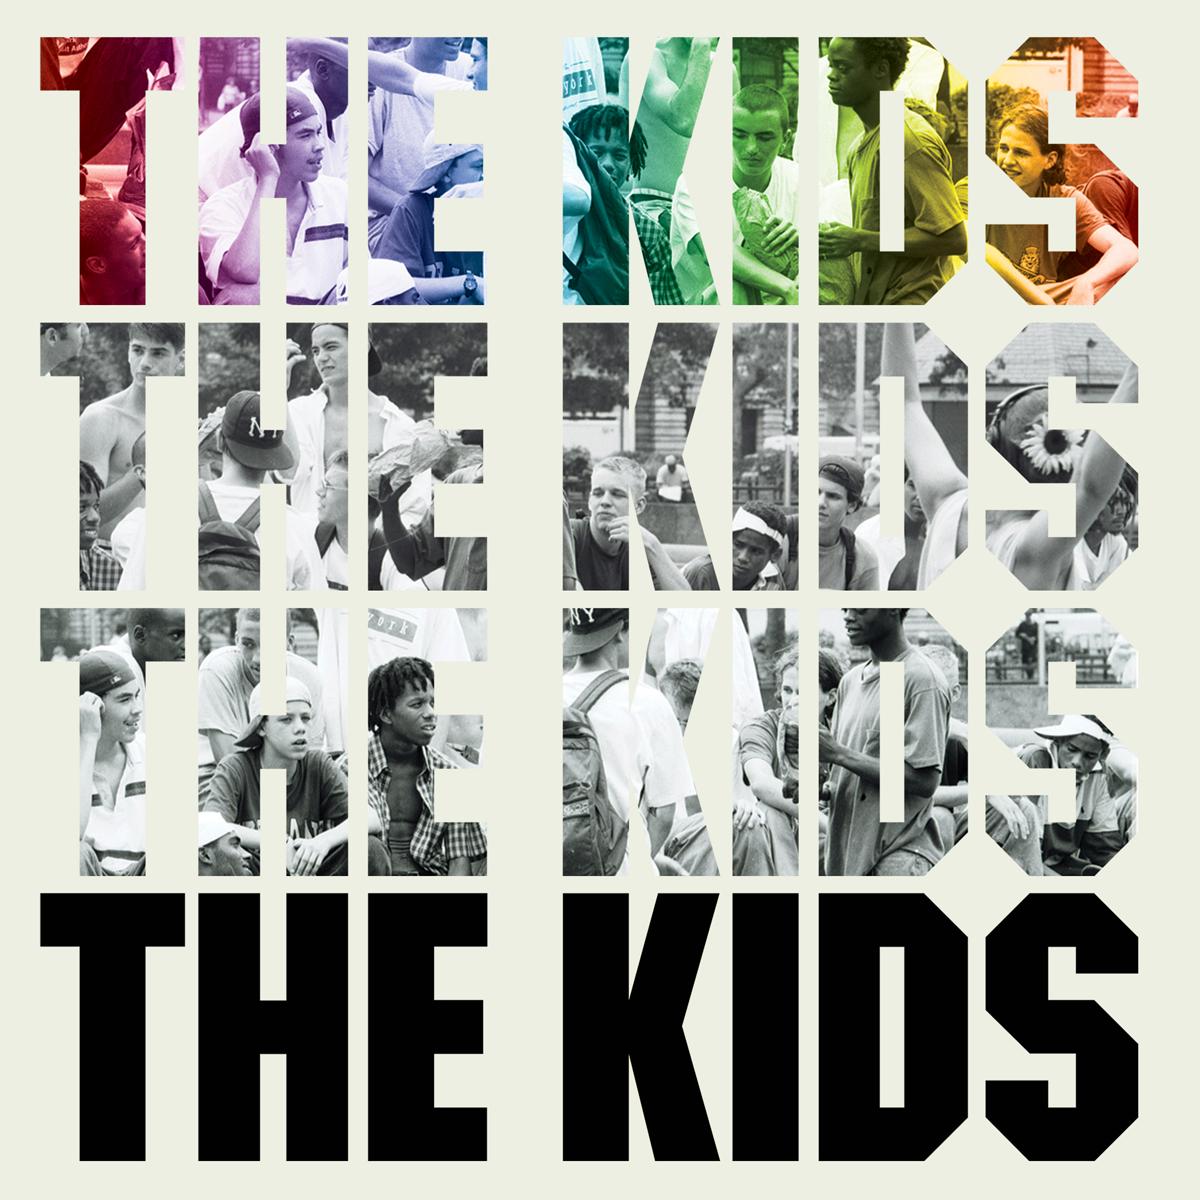 thekids.png